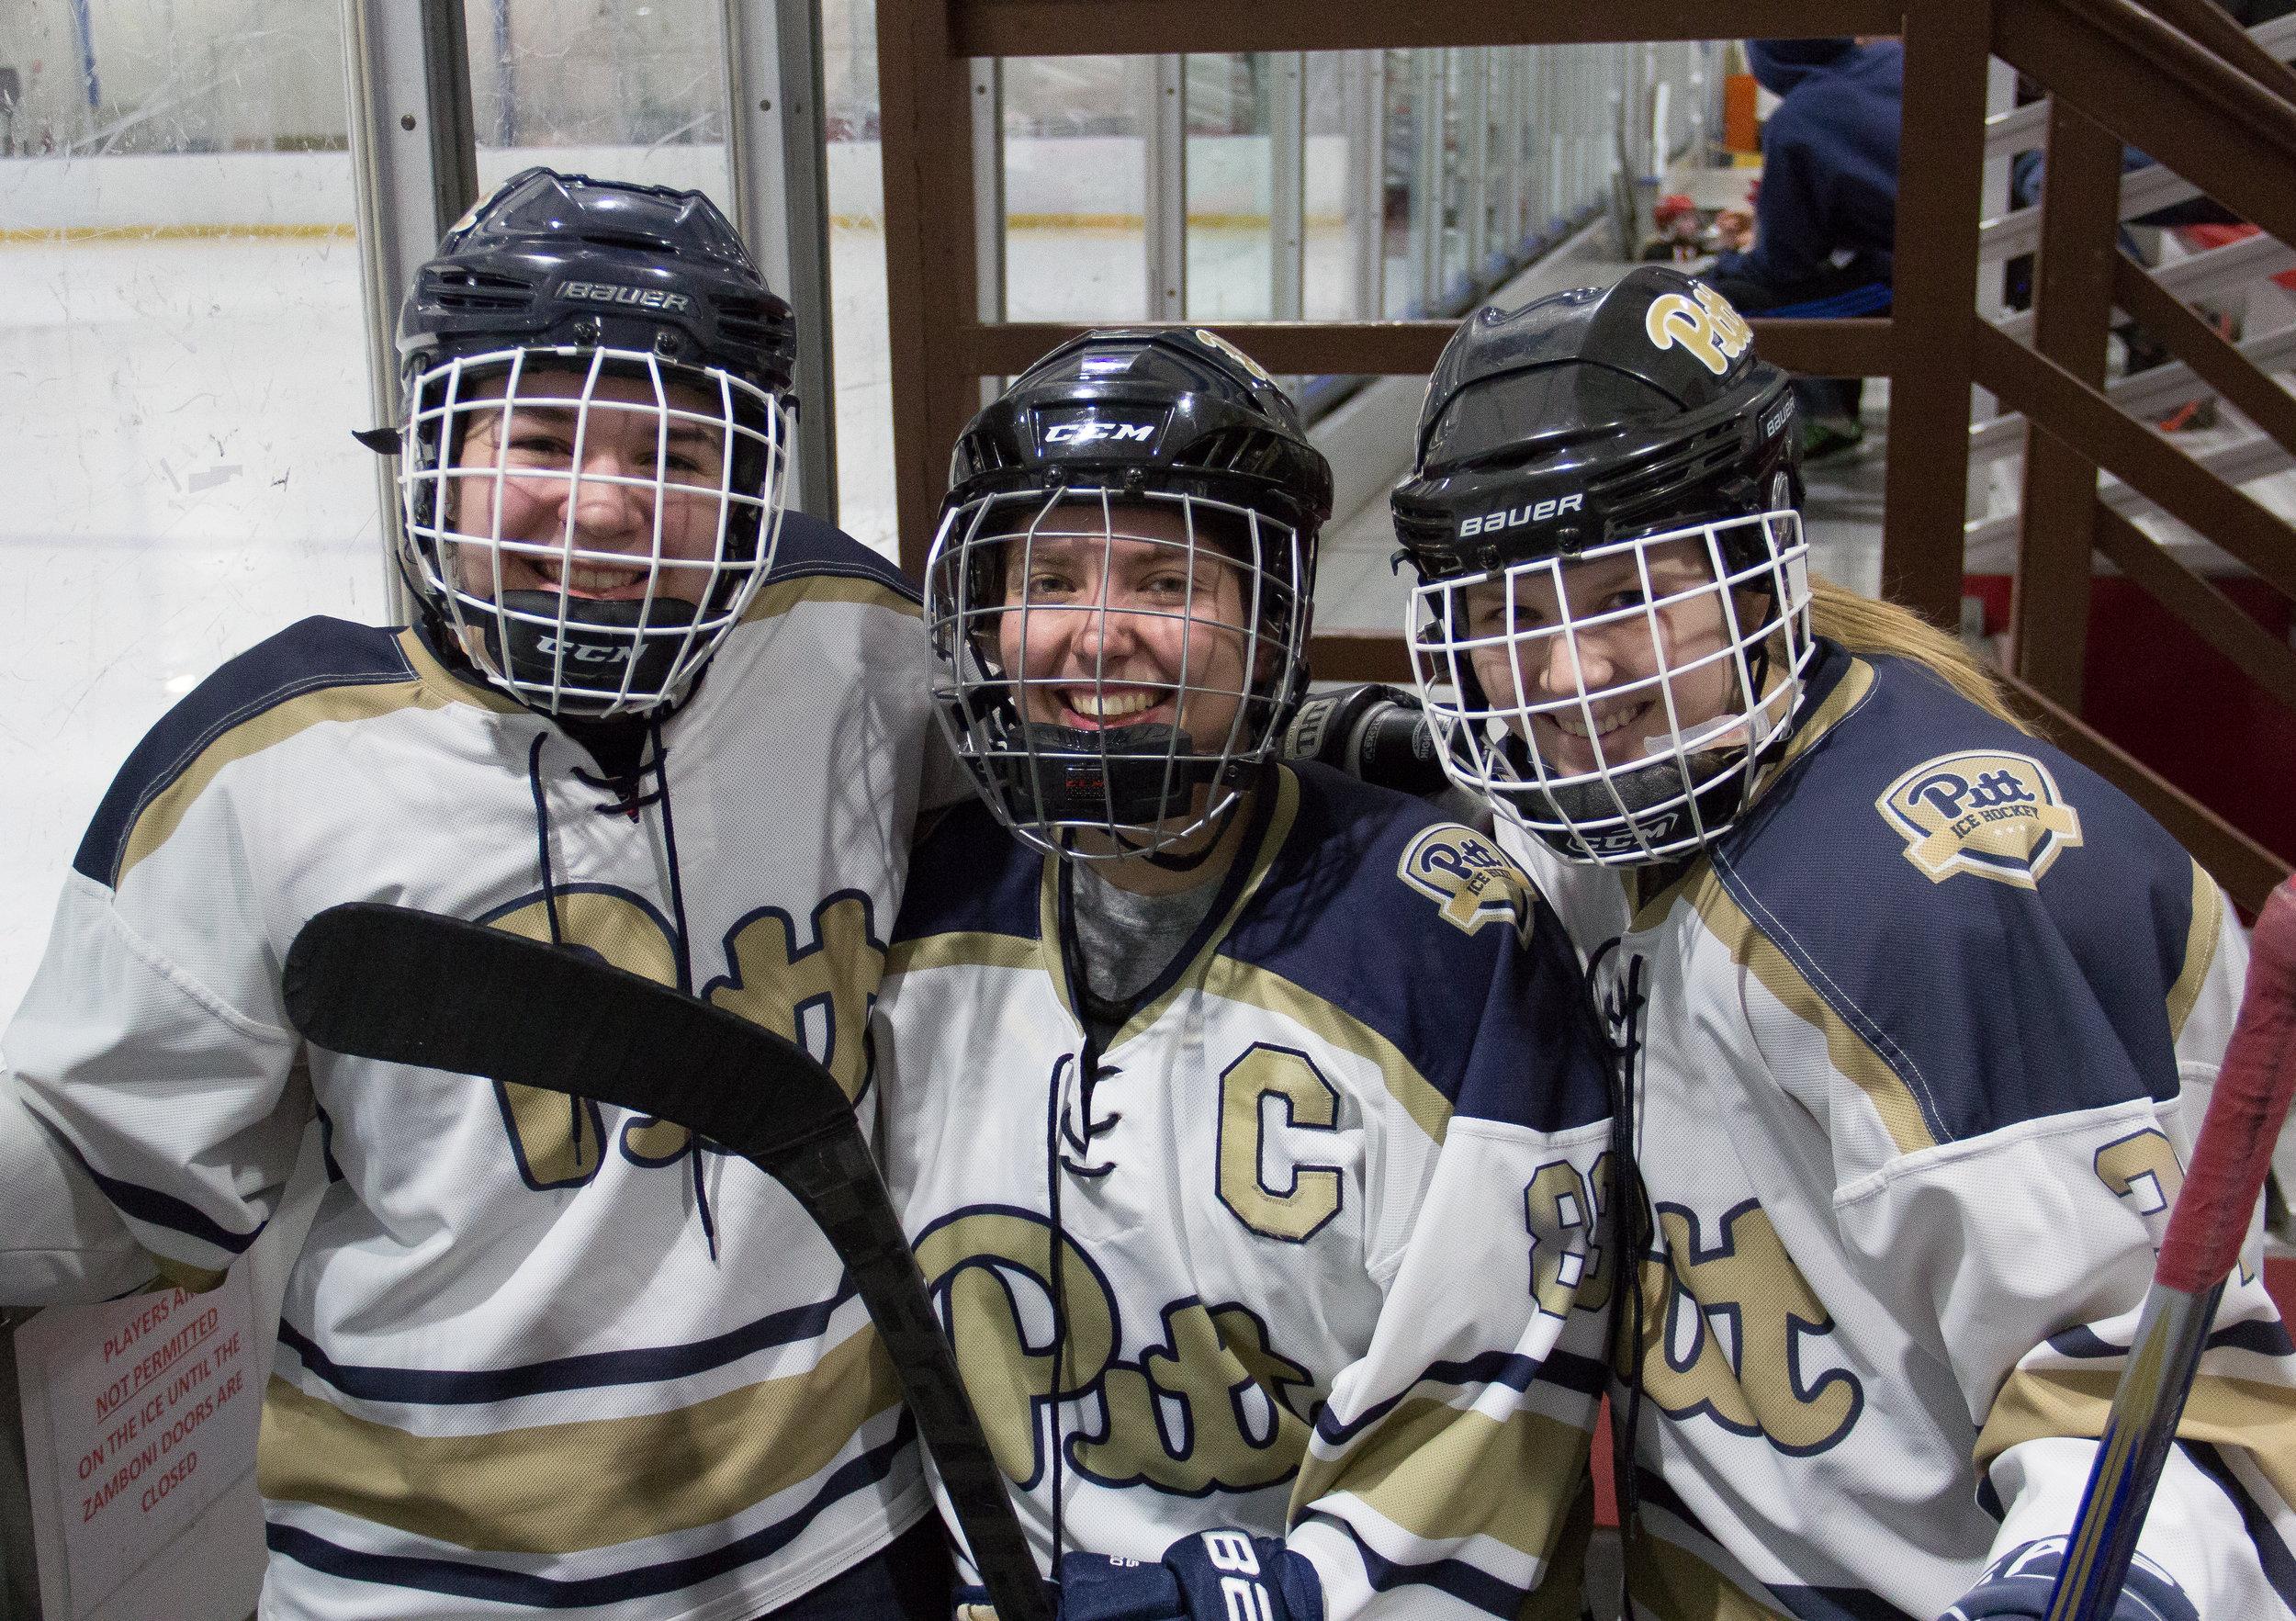 PittHockey-31.jpg